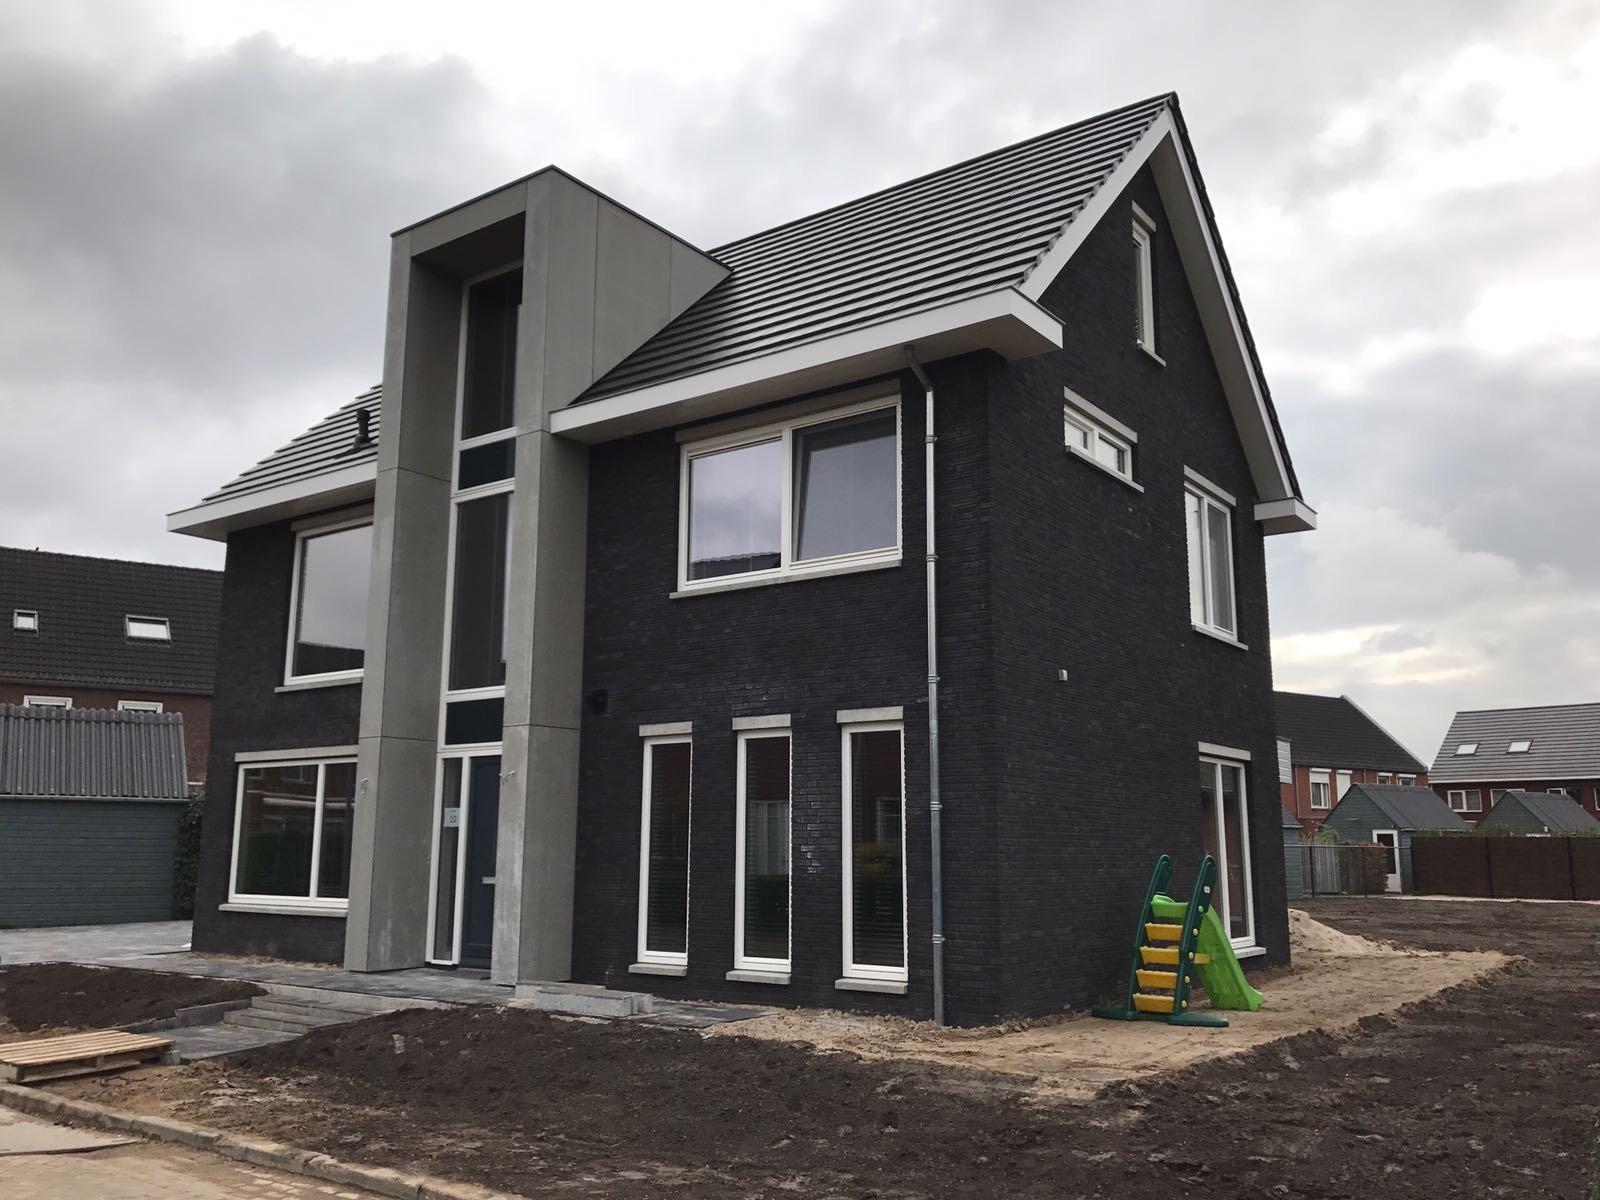 Ervaringen met het bouwen van een huis deel 2 wonen for Hoeveel kost een nieuwe trap